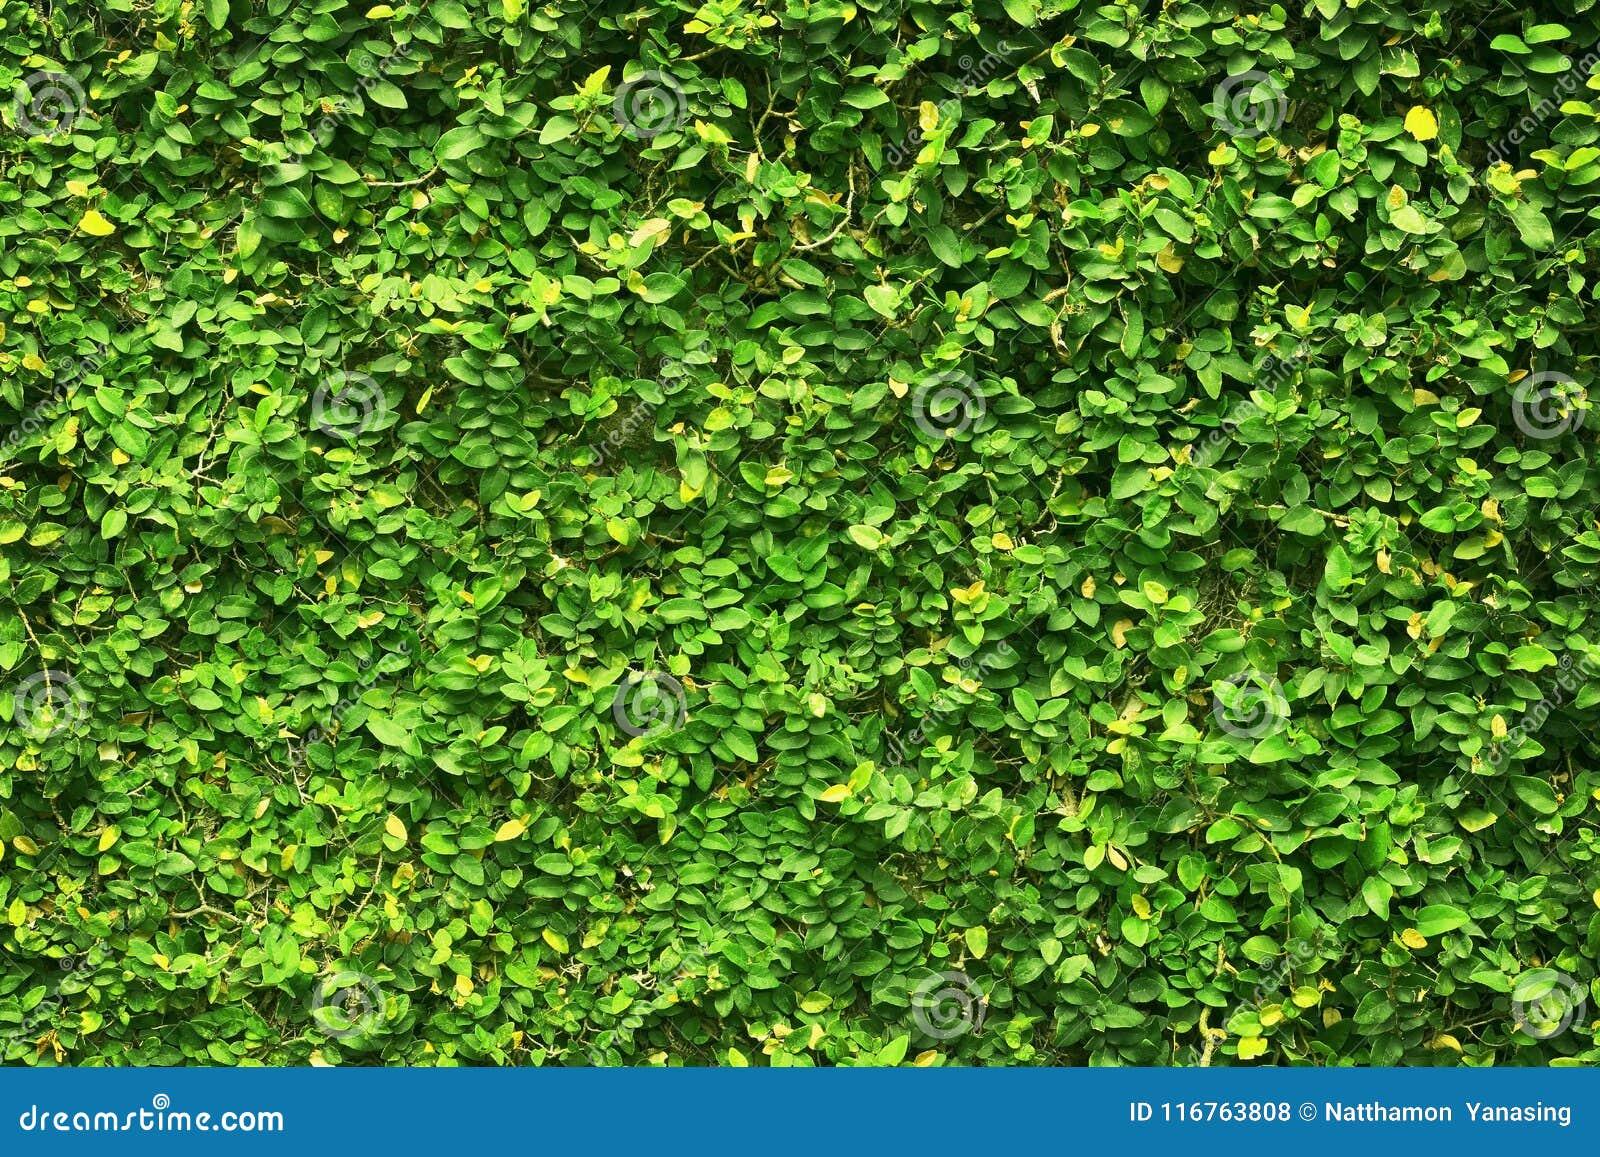 常春藤绿色叶子盖了墙壁 自然树篱芭背景